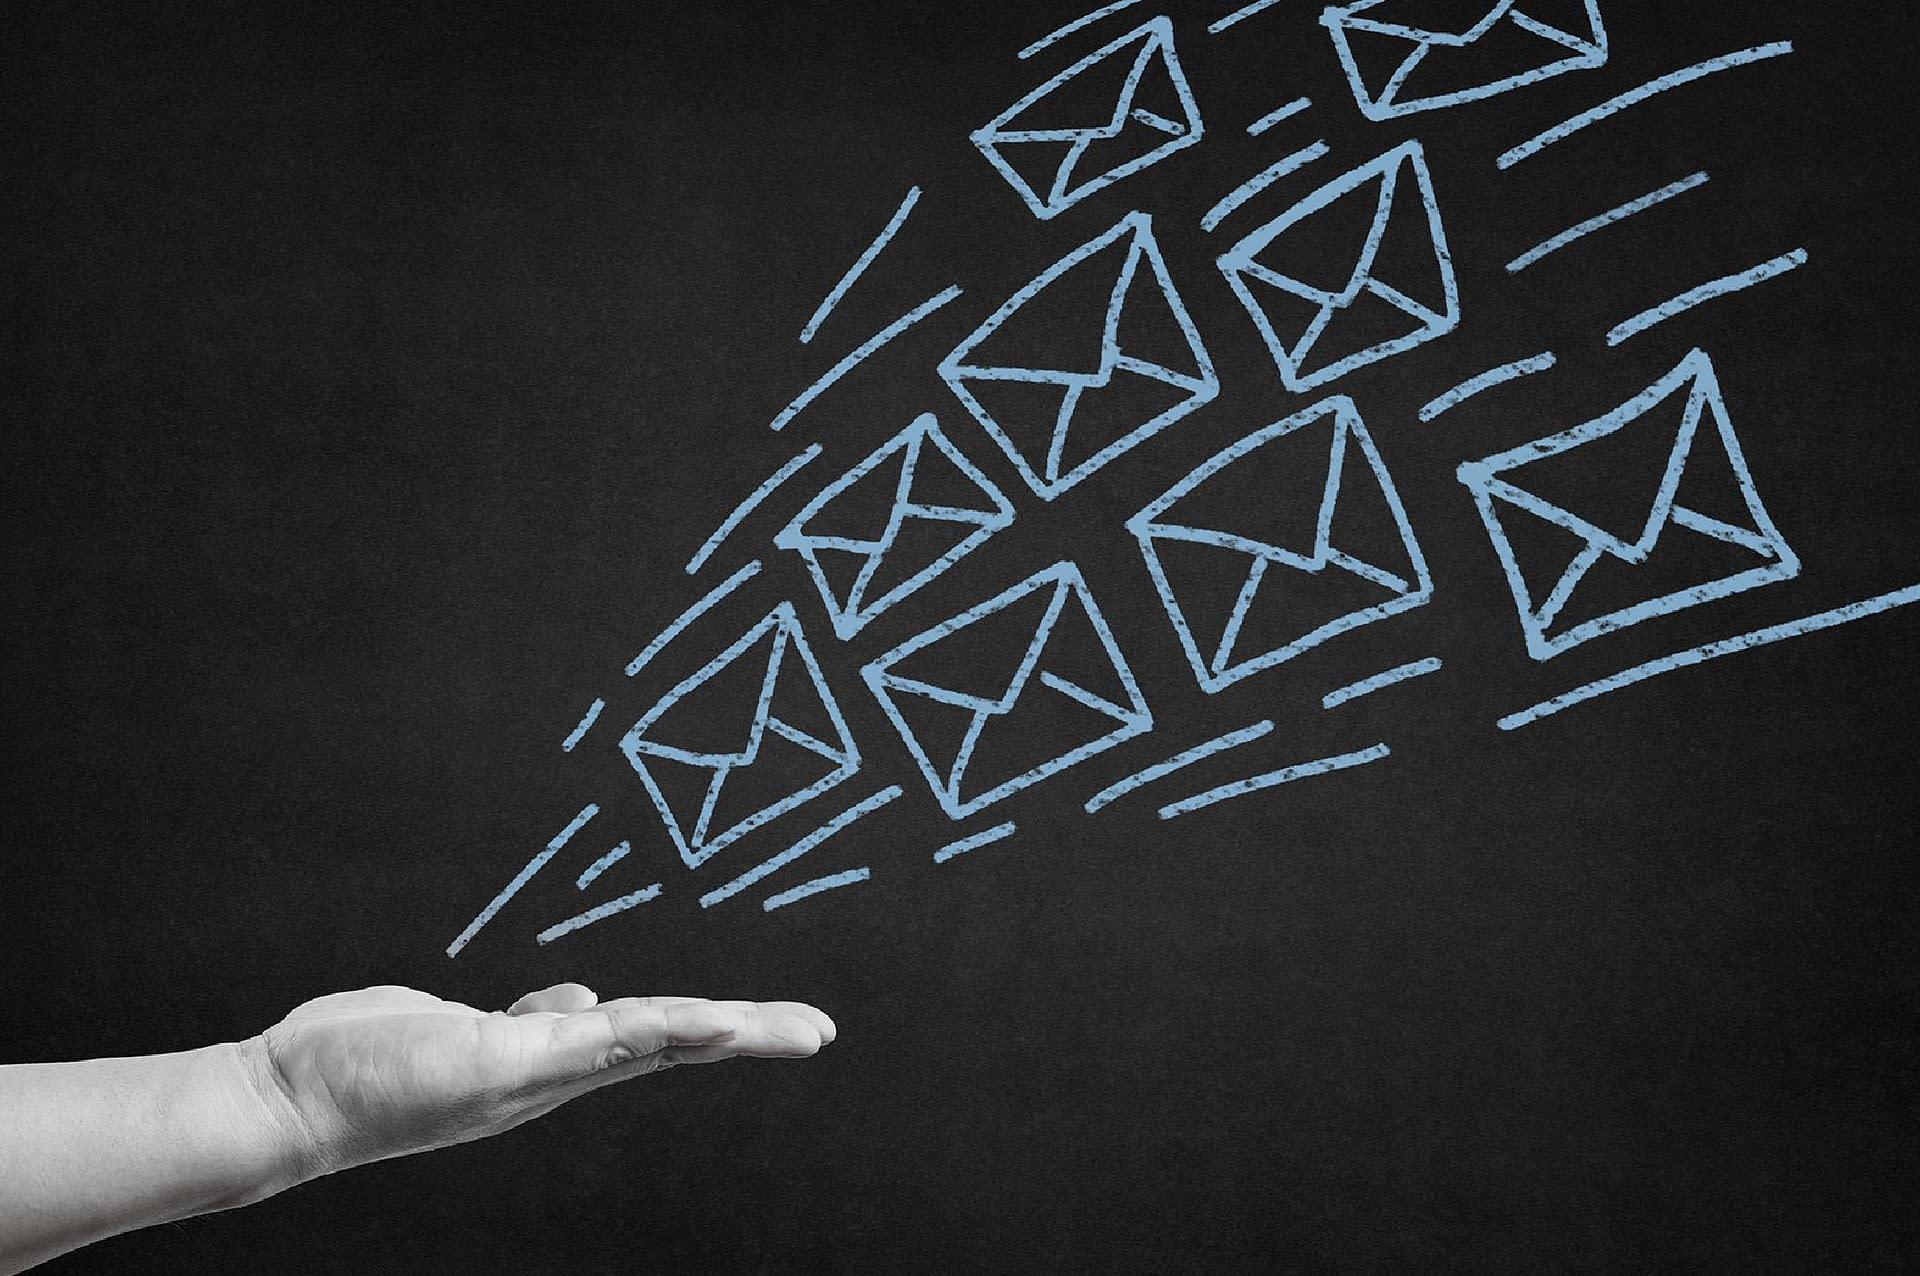 Тренинг: «Основы письменной коммуникации: как вести деловую переписку с клиентами и партнерами»